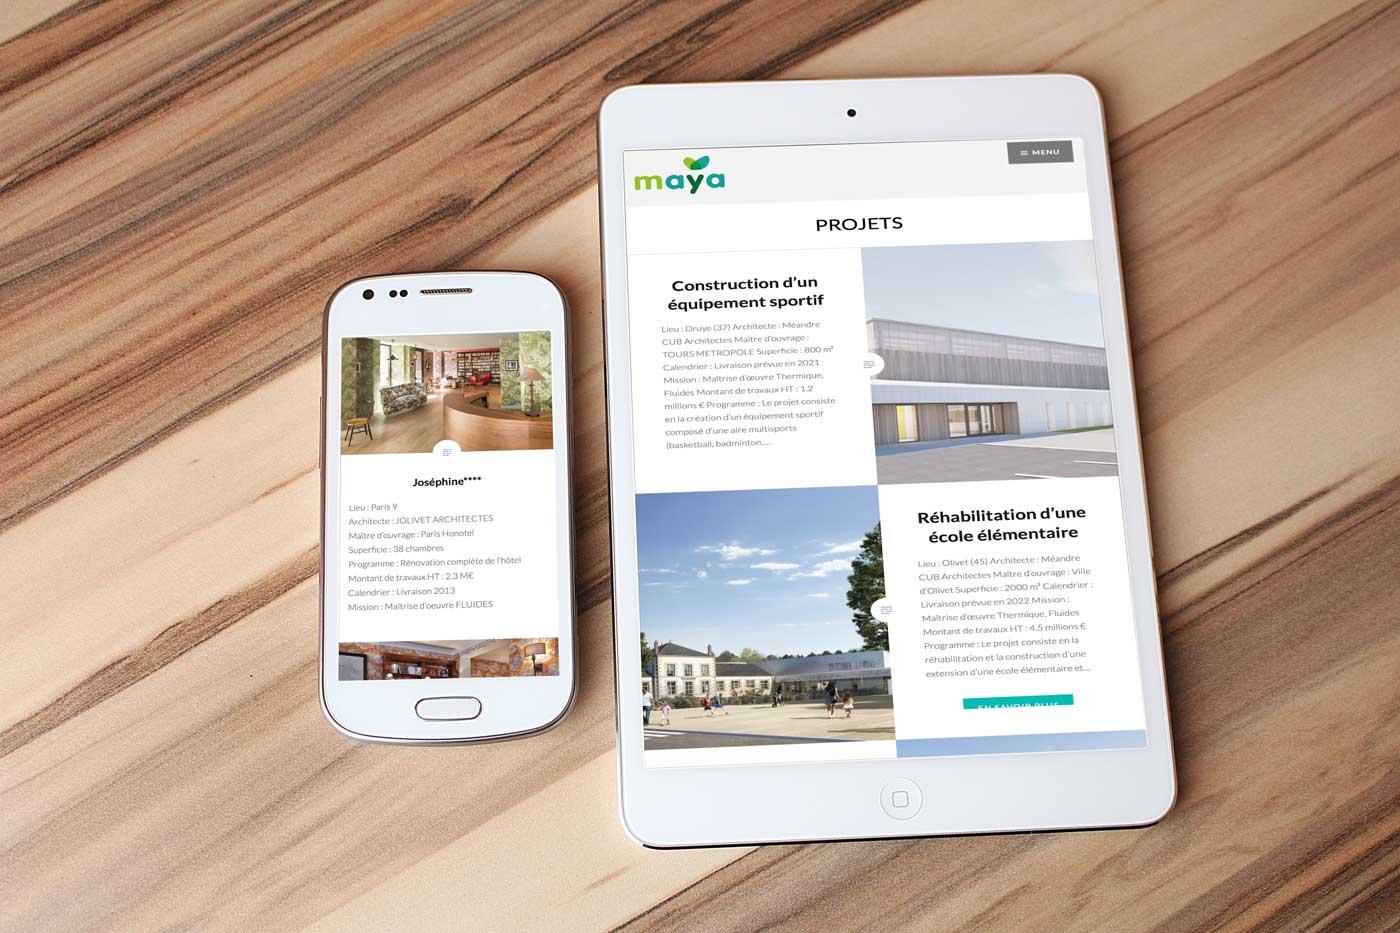 maya-concept-smartphone-ipad